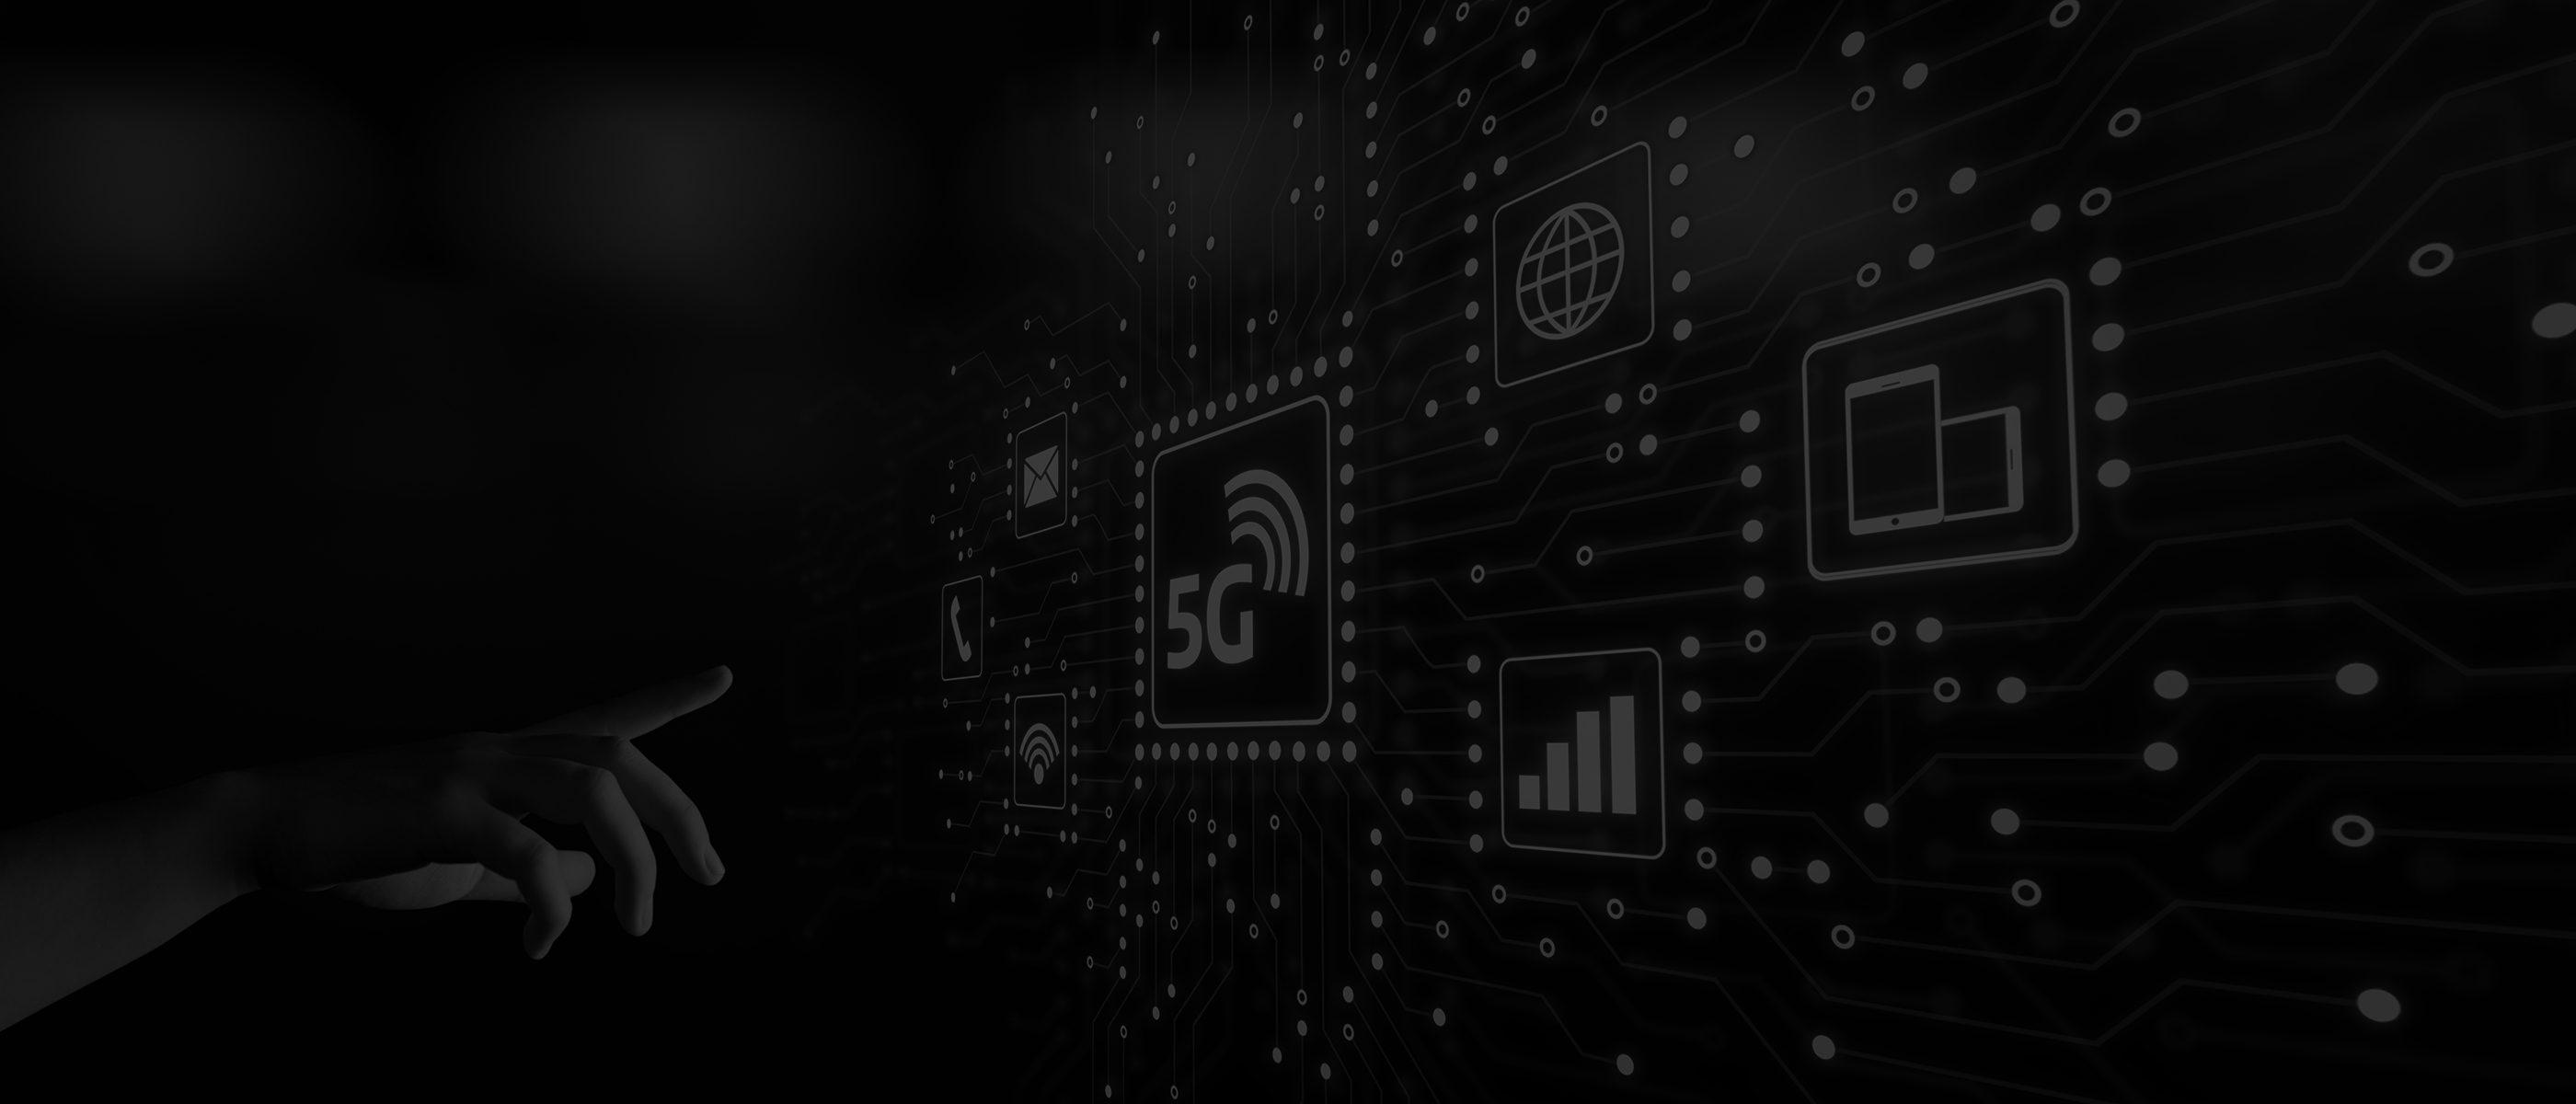 Kaleida: Stormzy Helps Launch EE's 5G Network Banner